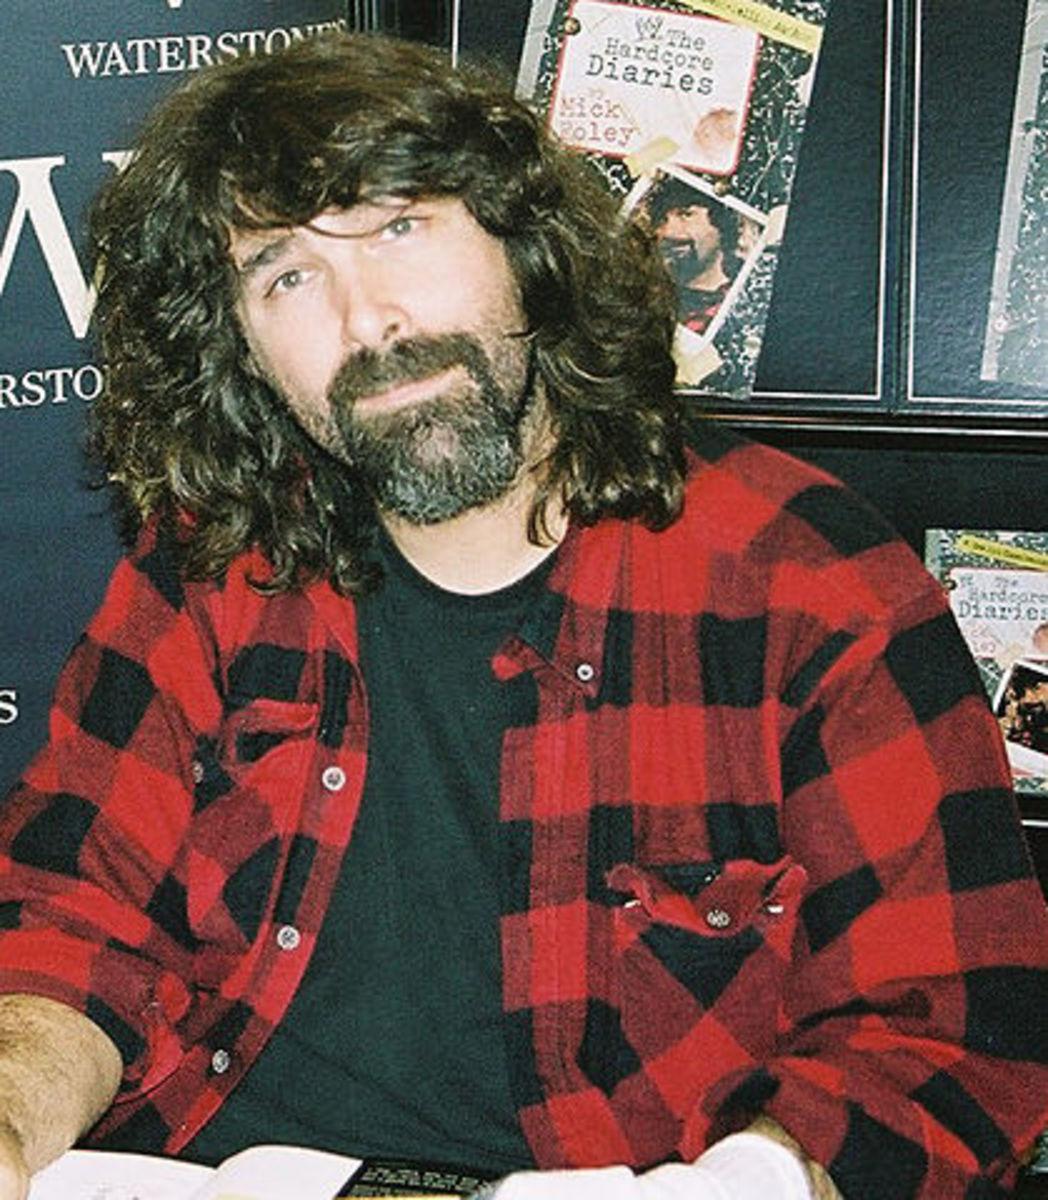 Mick Foley.